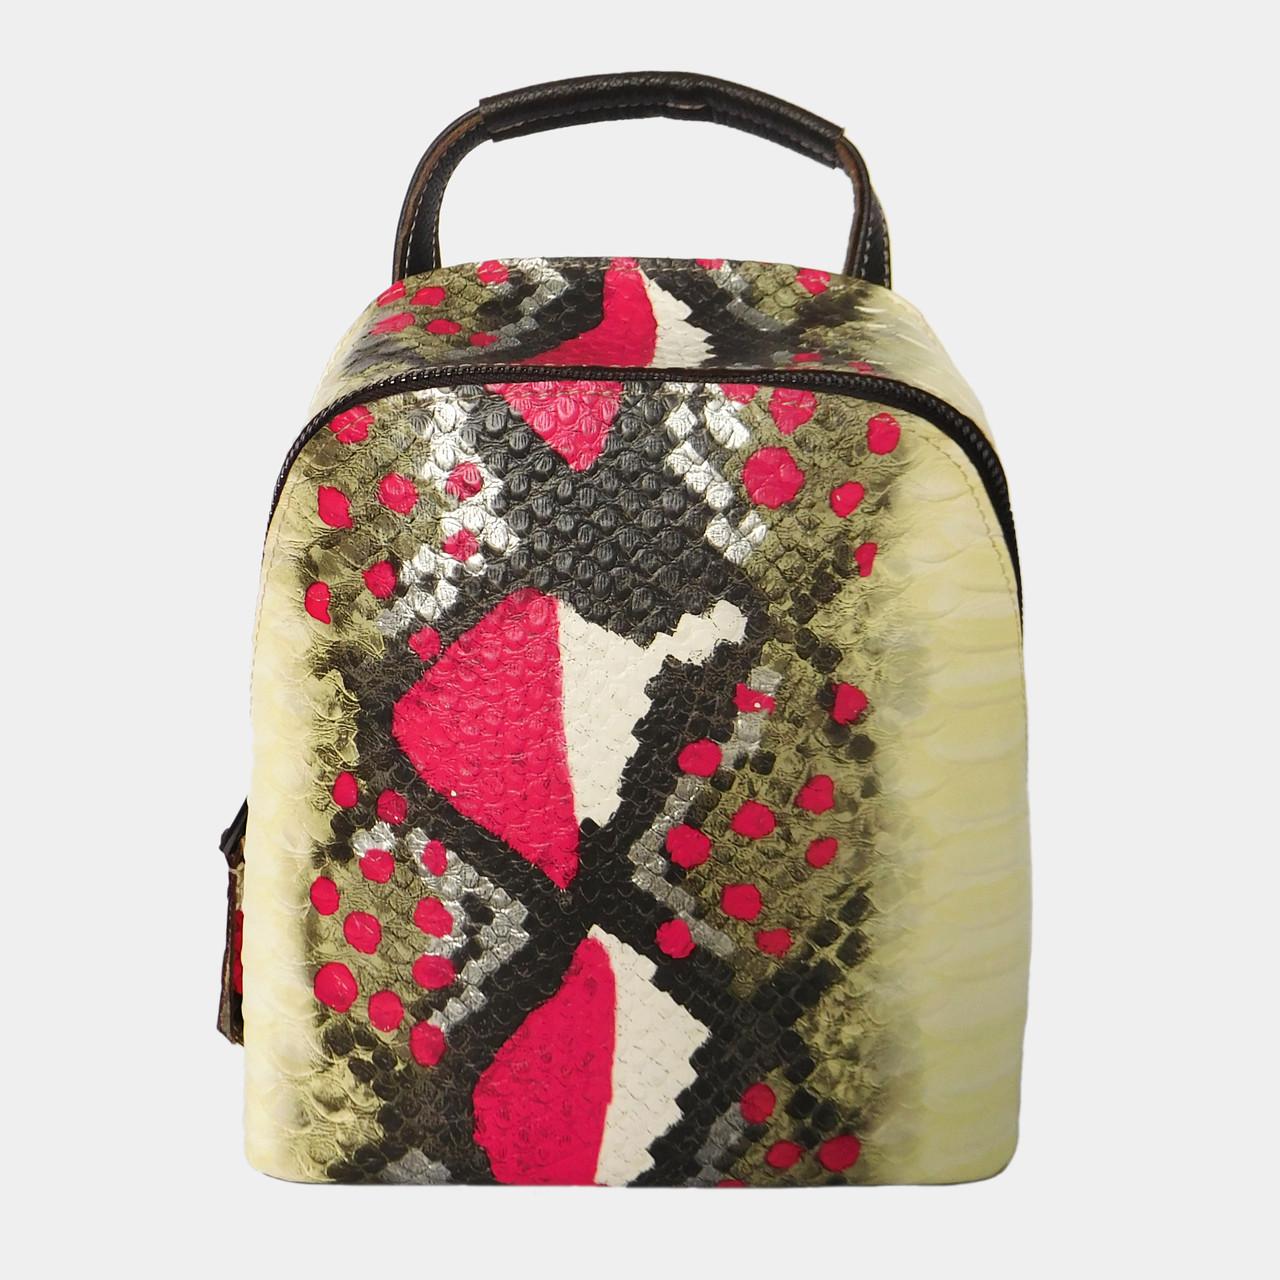 Сумка-рюкзак жіноча з натуральної шкіри (в кольорах)   Сумка-рюкзак женская  из натуральной кожи (в цветах) 0227b416a183d